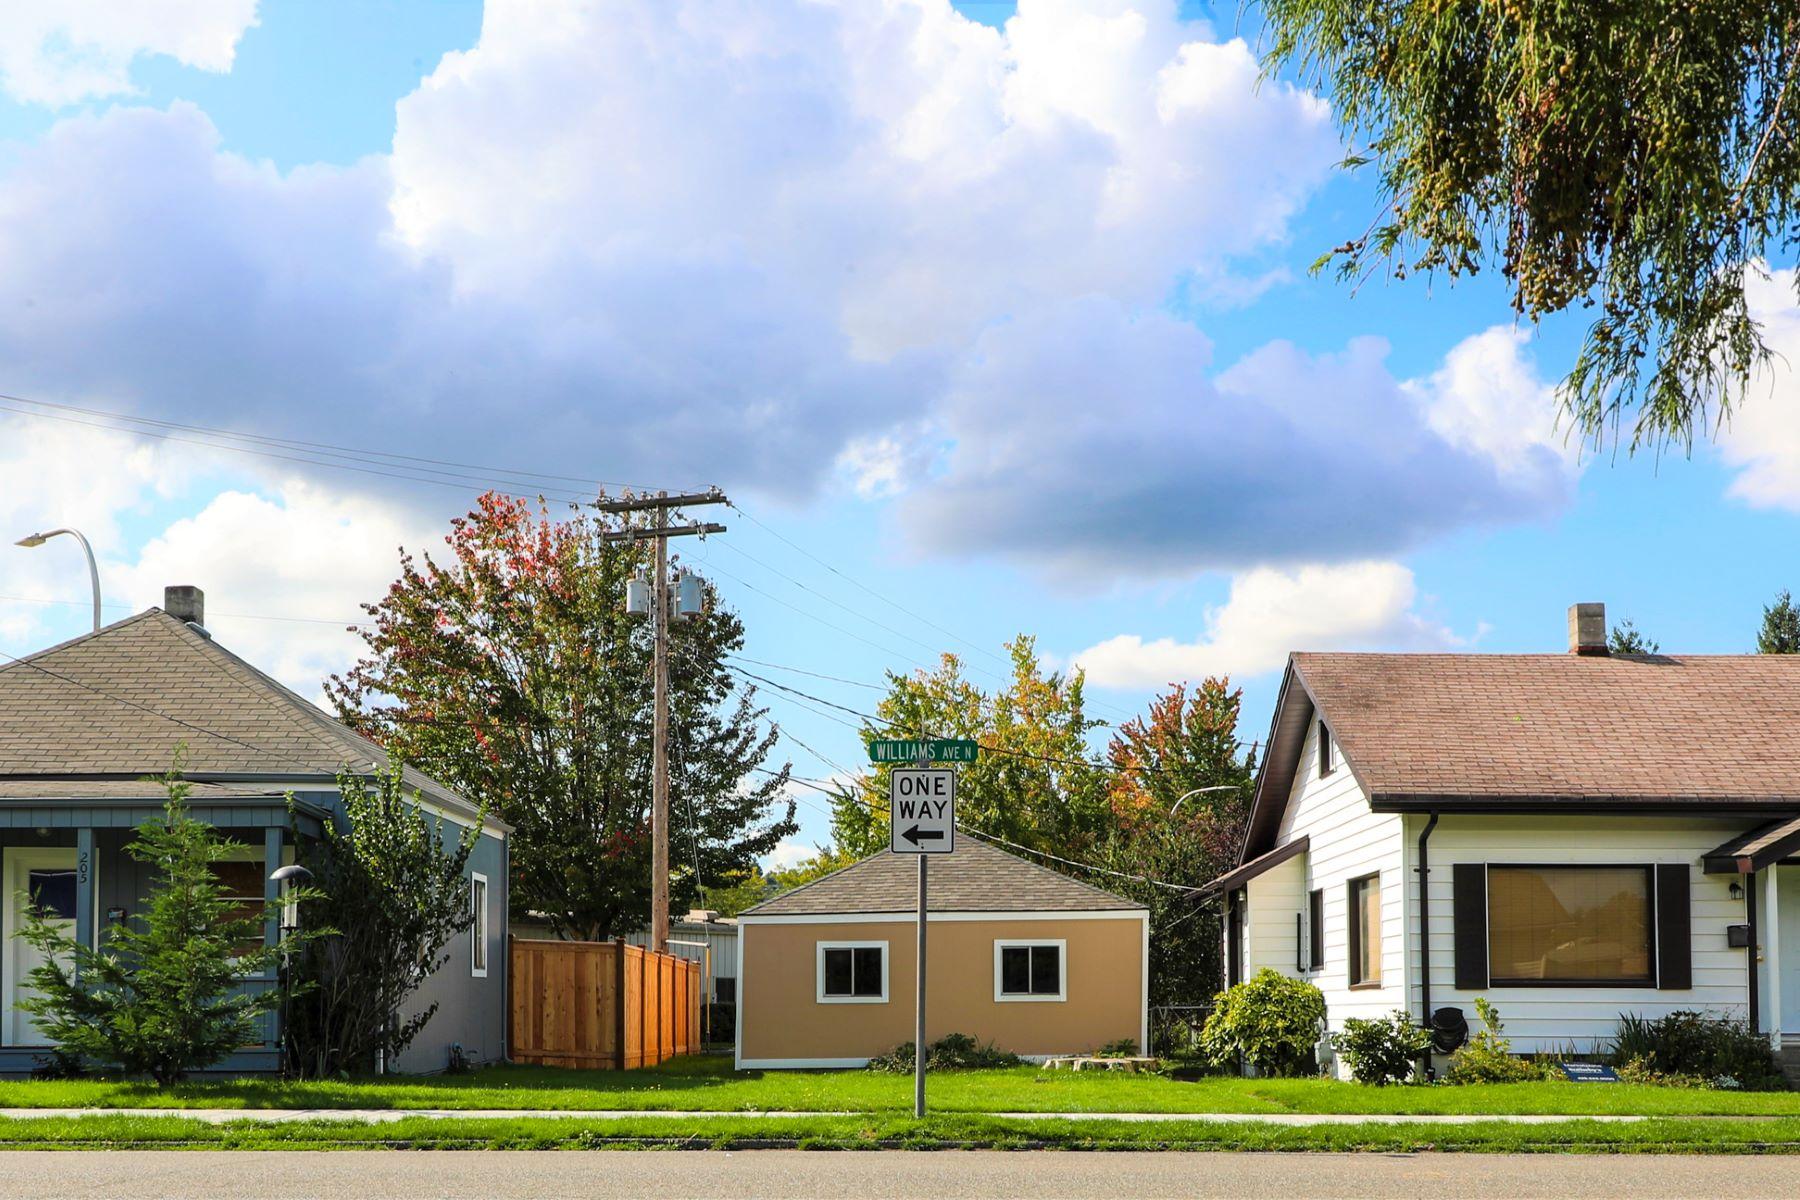 Multi-Family Homes for Sale at Renton Farm 207 Williams Ave N Renton, Washington 98057 United States